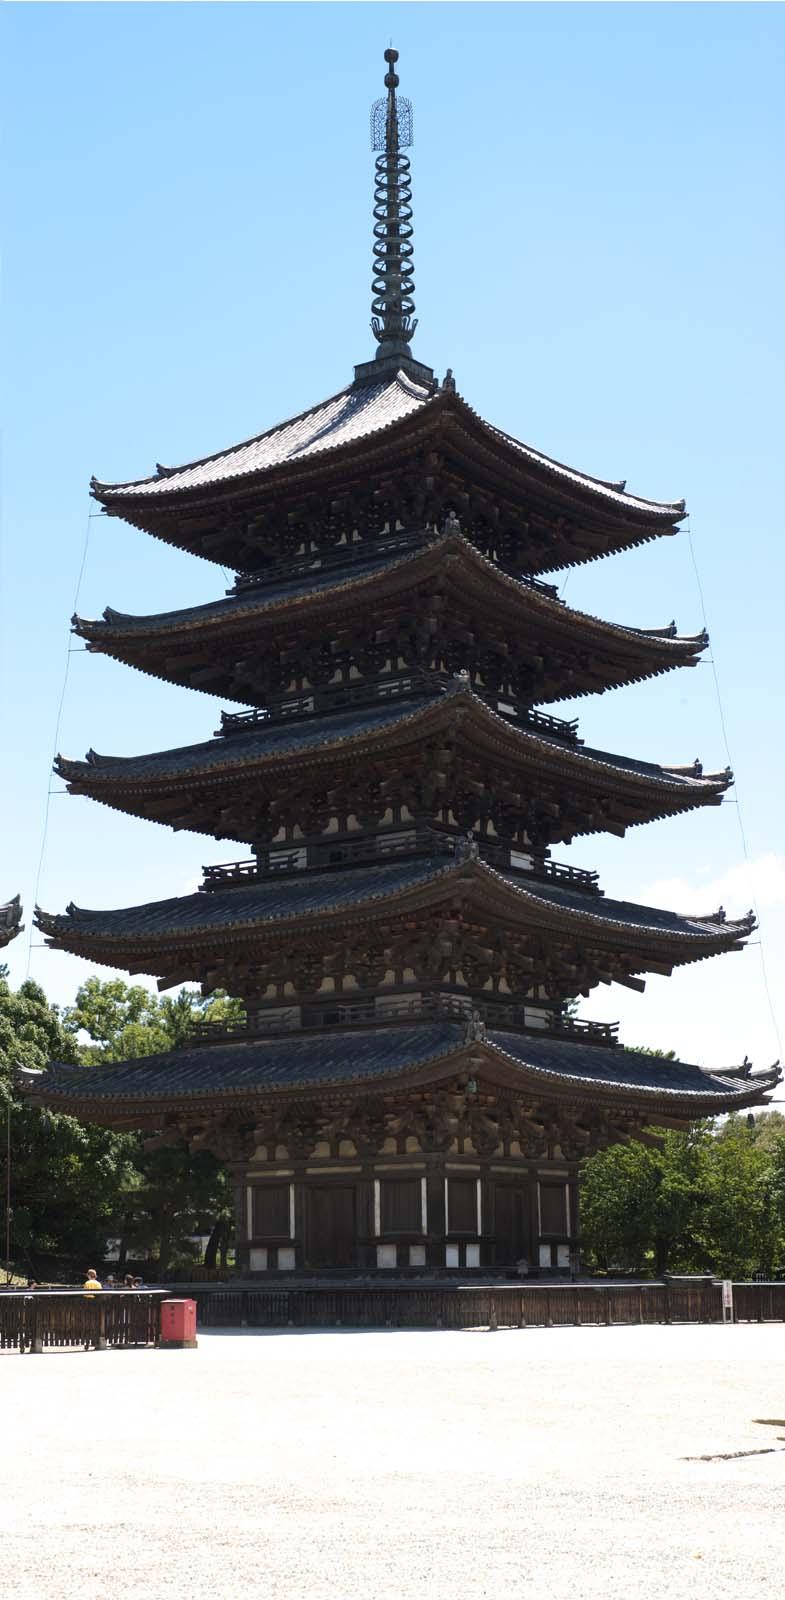 興福寺の国宝館で阿修羅像と仏頭は拝観できる?拝観料やアクセス方法もご紹介